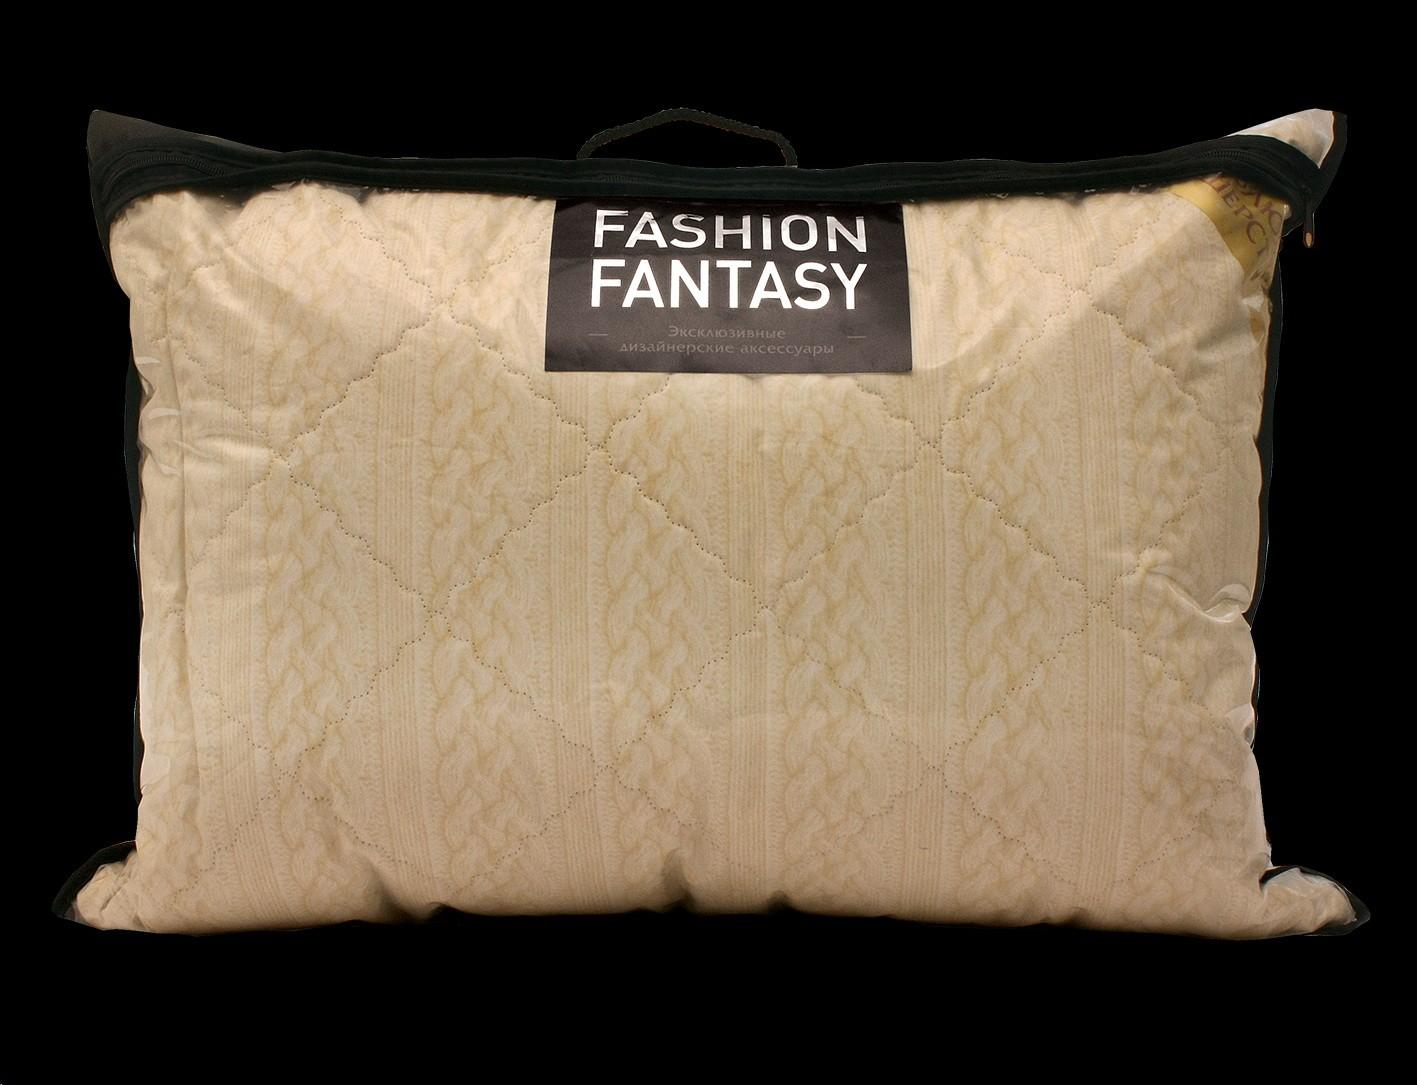 Как сделать одеяло из верблюжьей шерсти